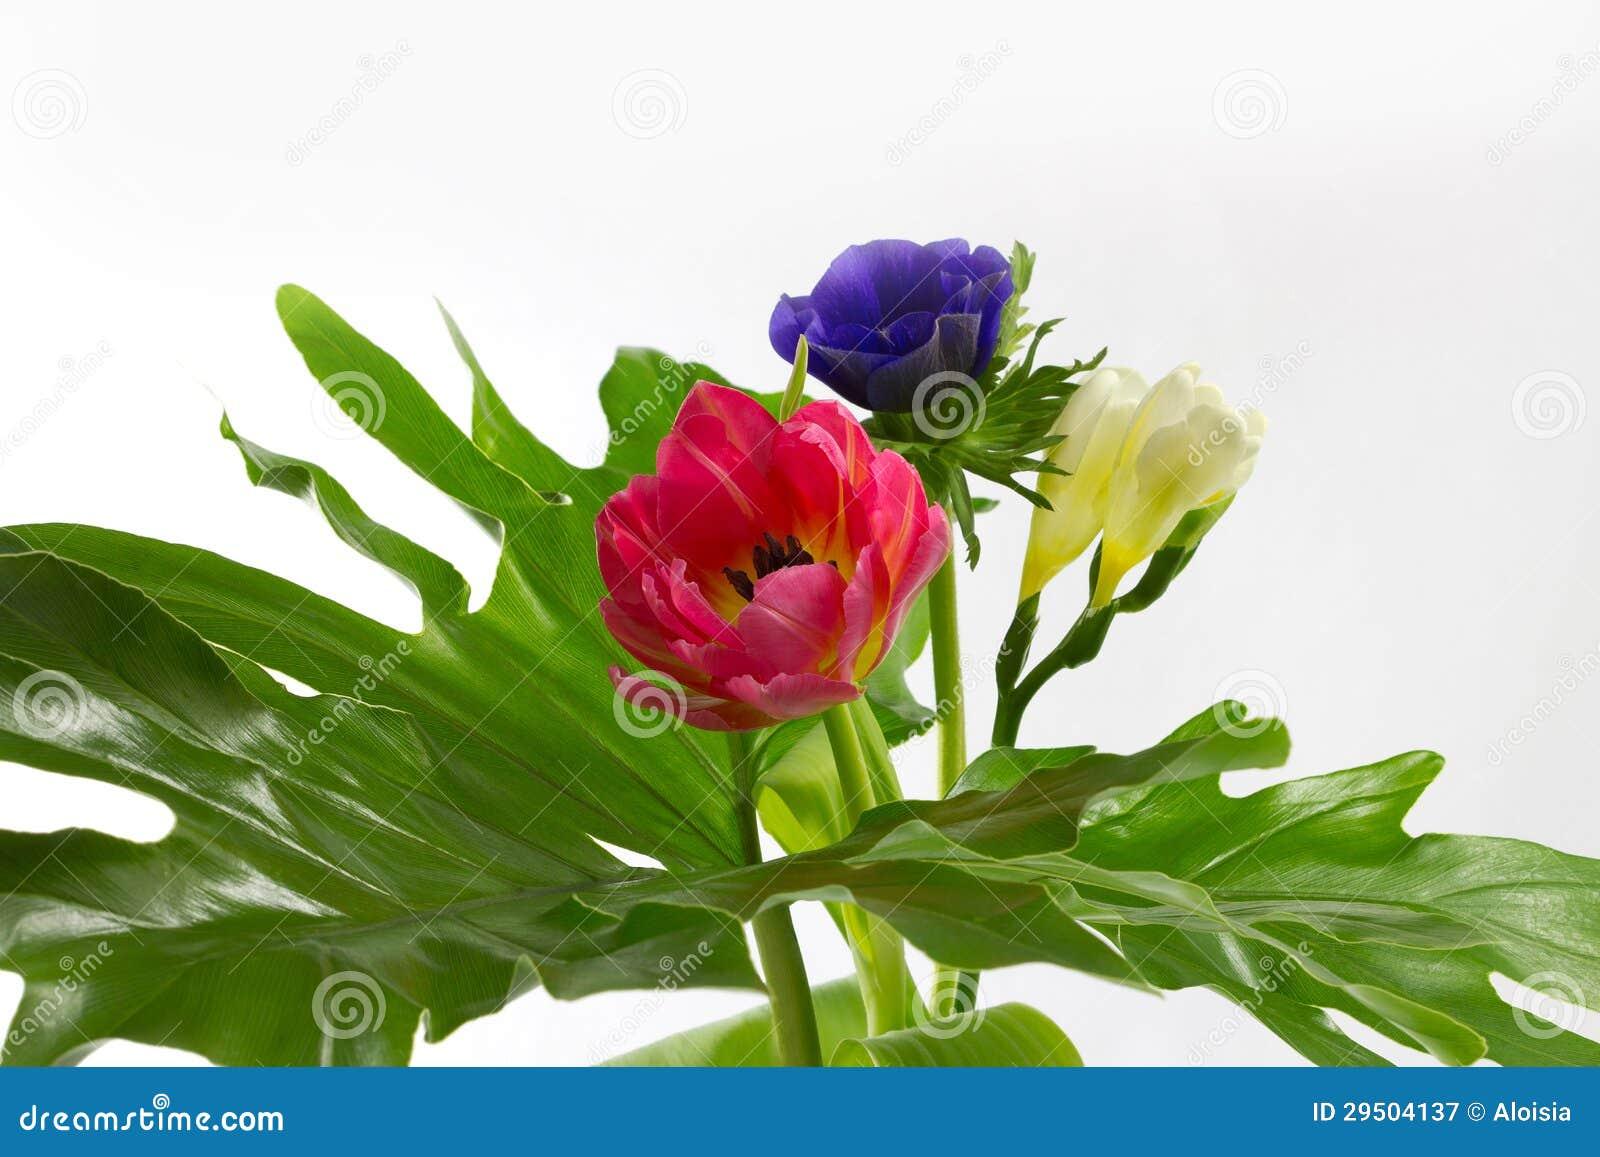 Bloemen op een groot blad